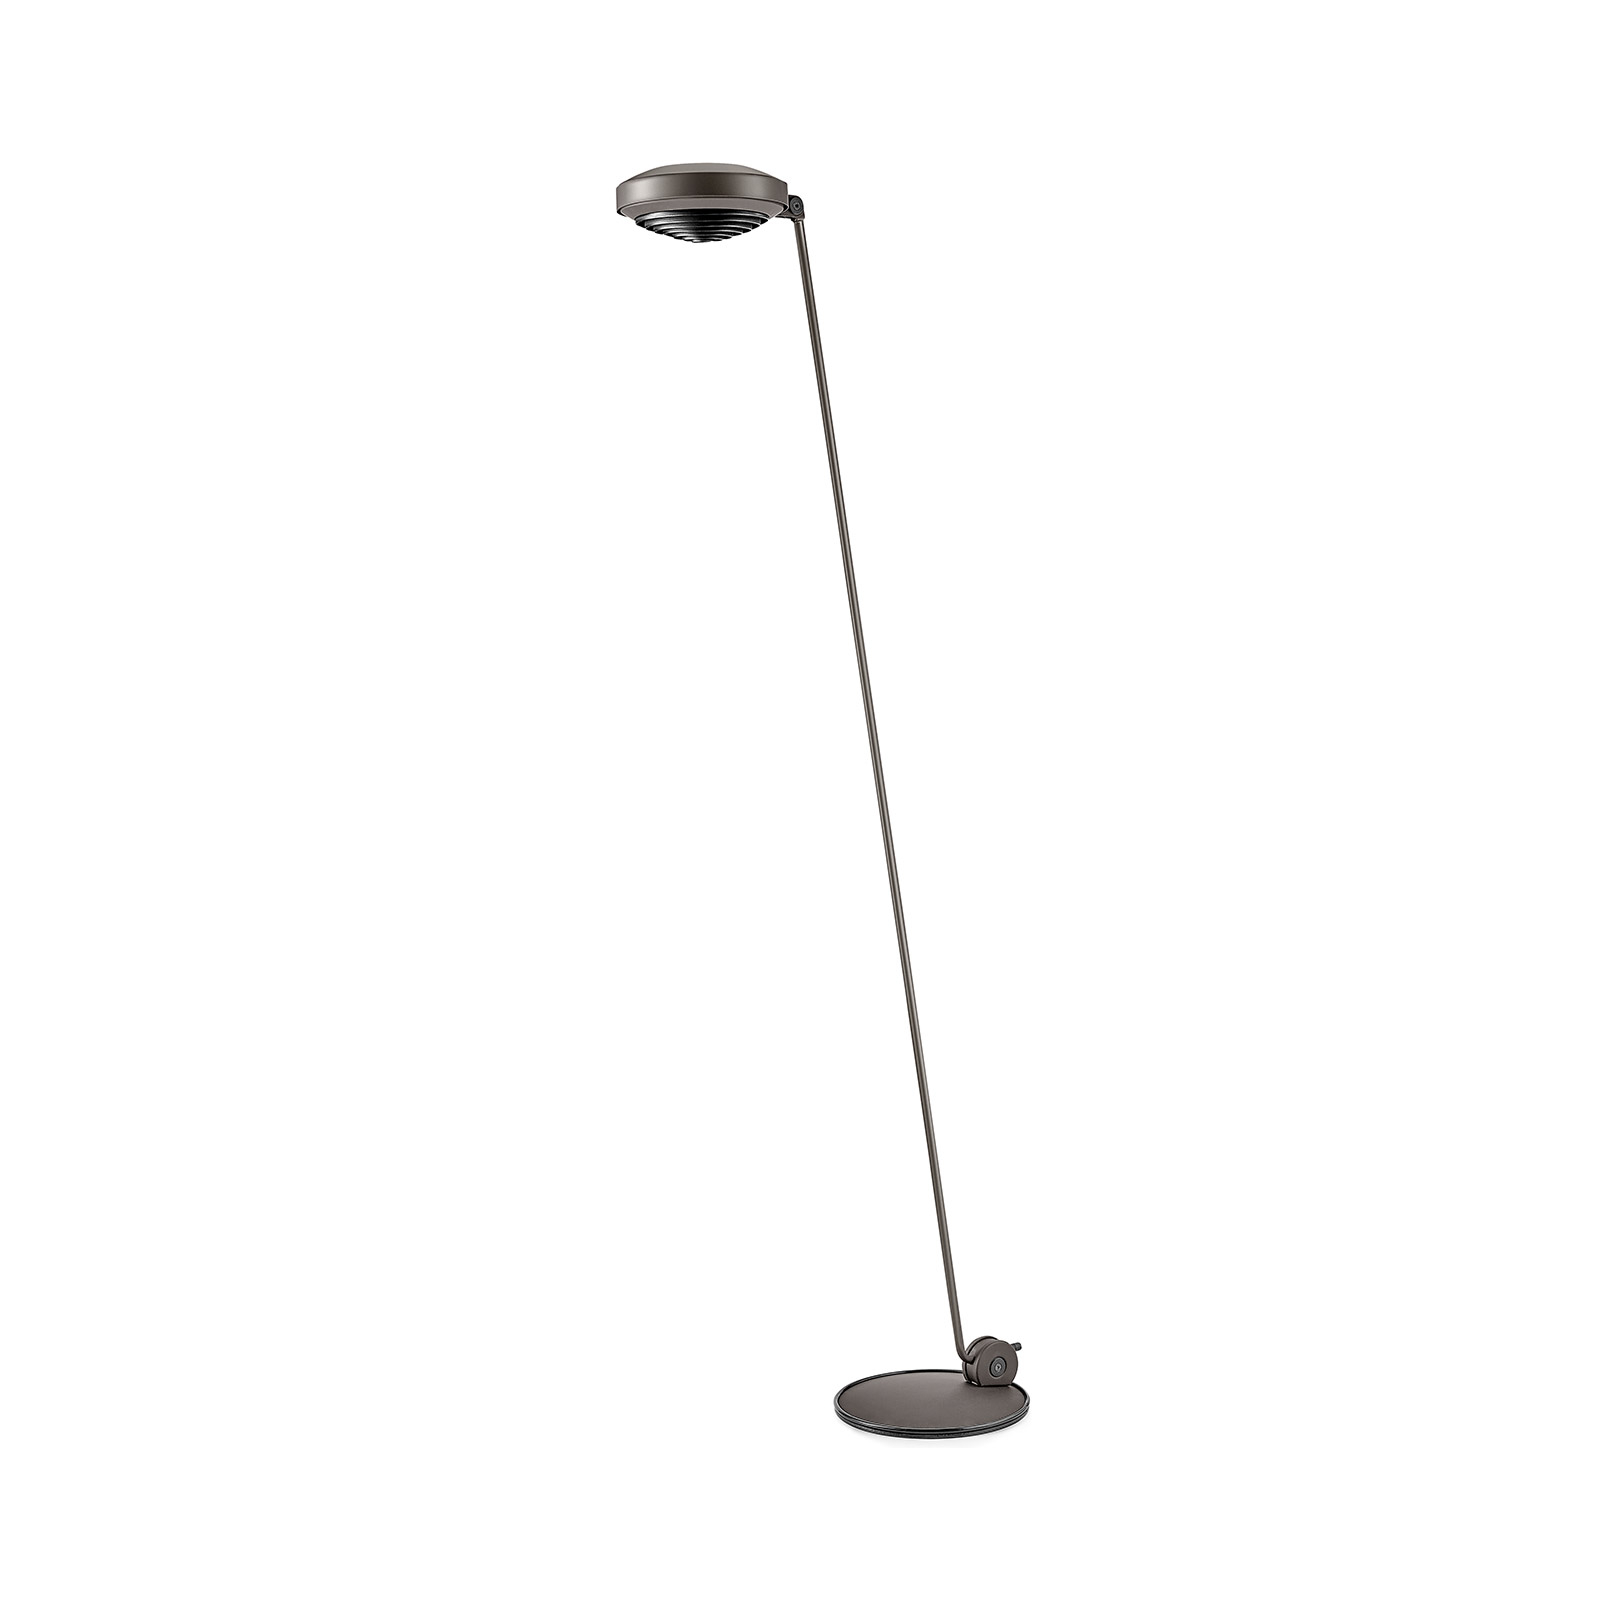 Lumina Elle 1 piantana LED H 180cm 3.000K bronzo